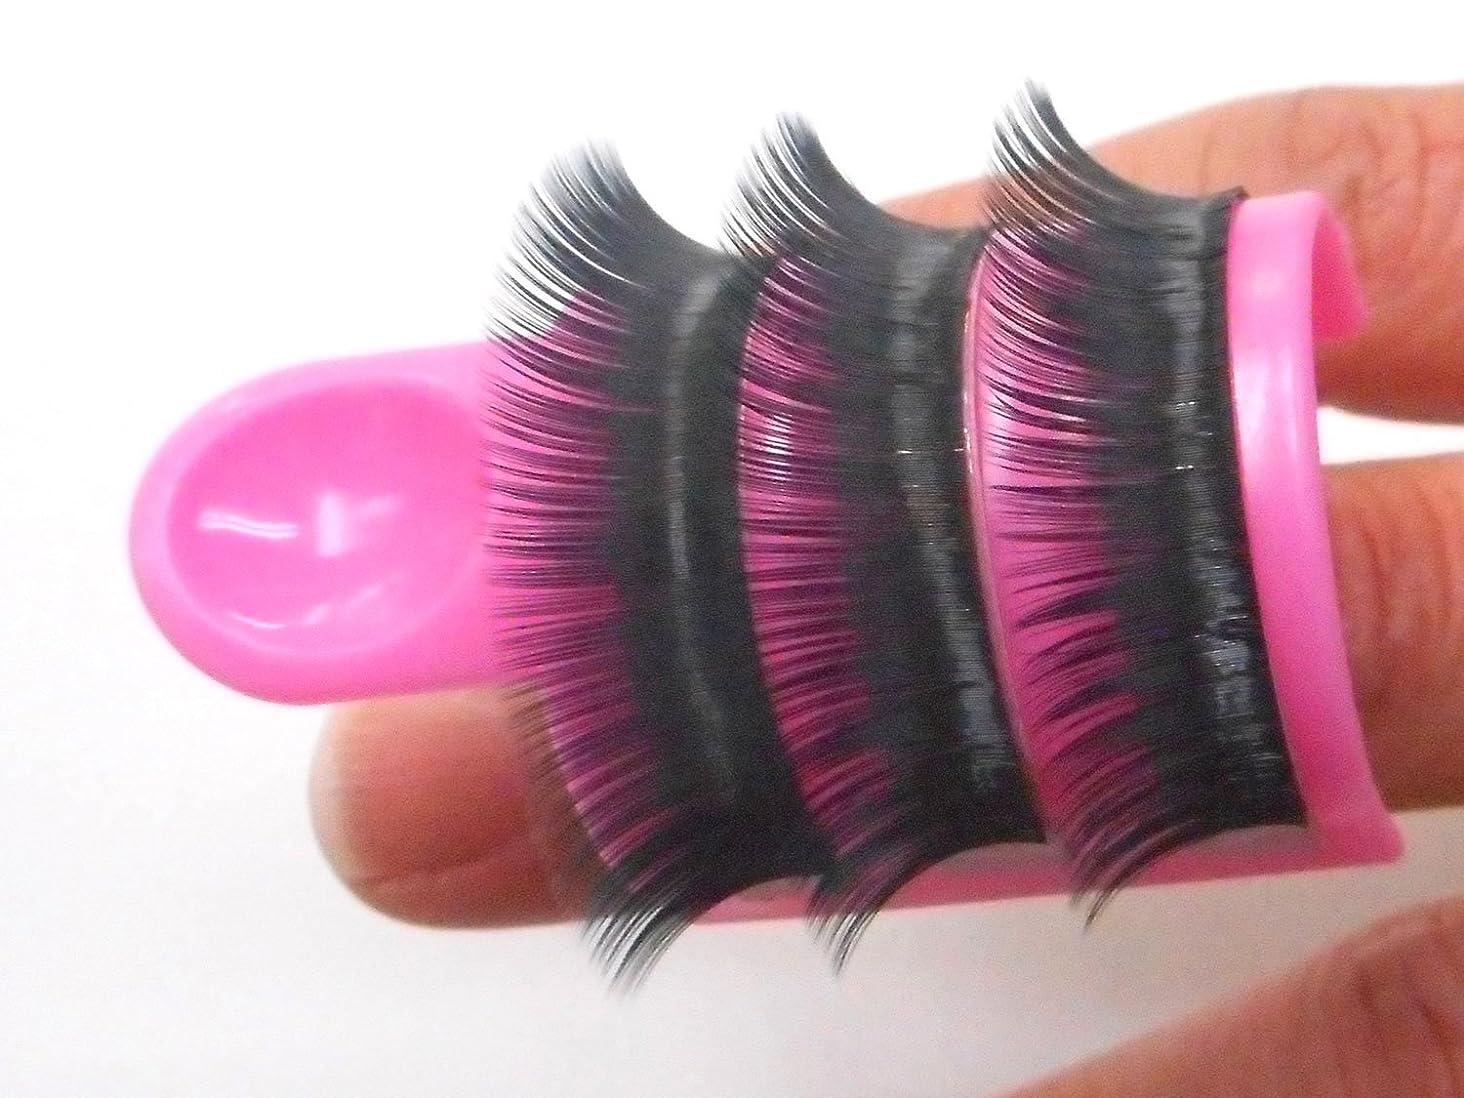 評価する半円概念まつげエクステ リング ホルダー ピンク グルースタンド付き まつ毛エクステ アイラッシュ  プラスチック製 Eyelash Extension Glue Ring holder 1セット 1個入り